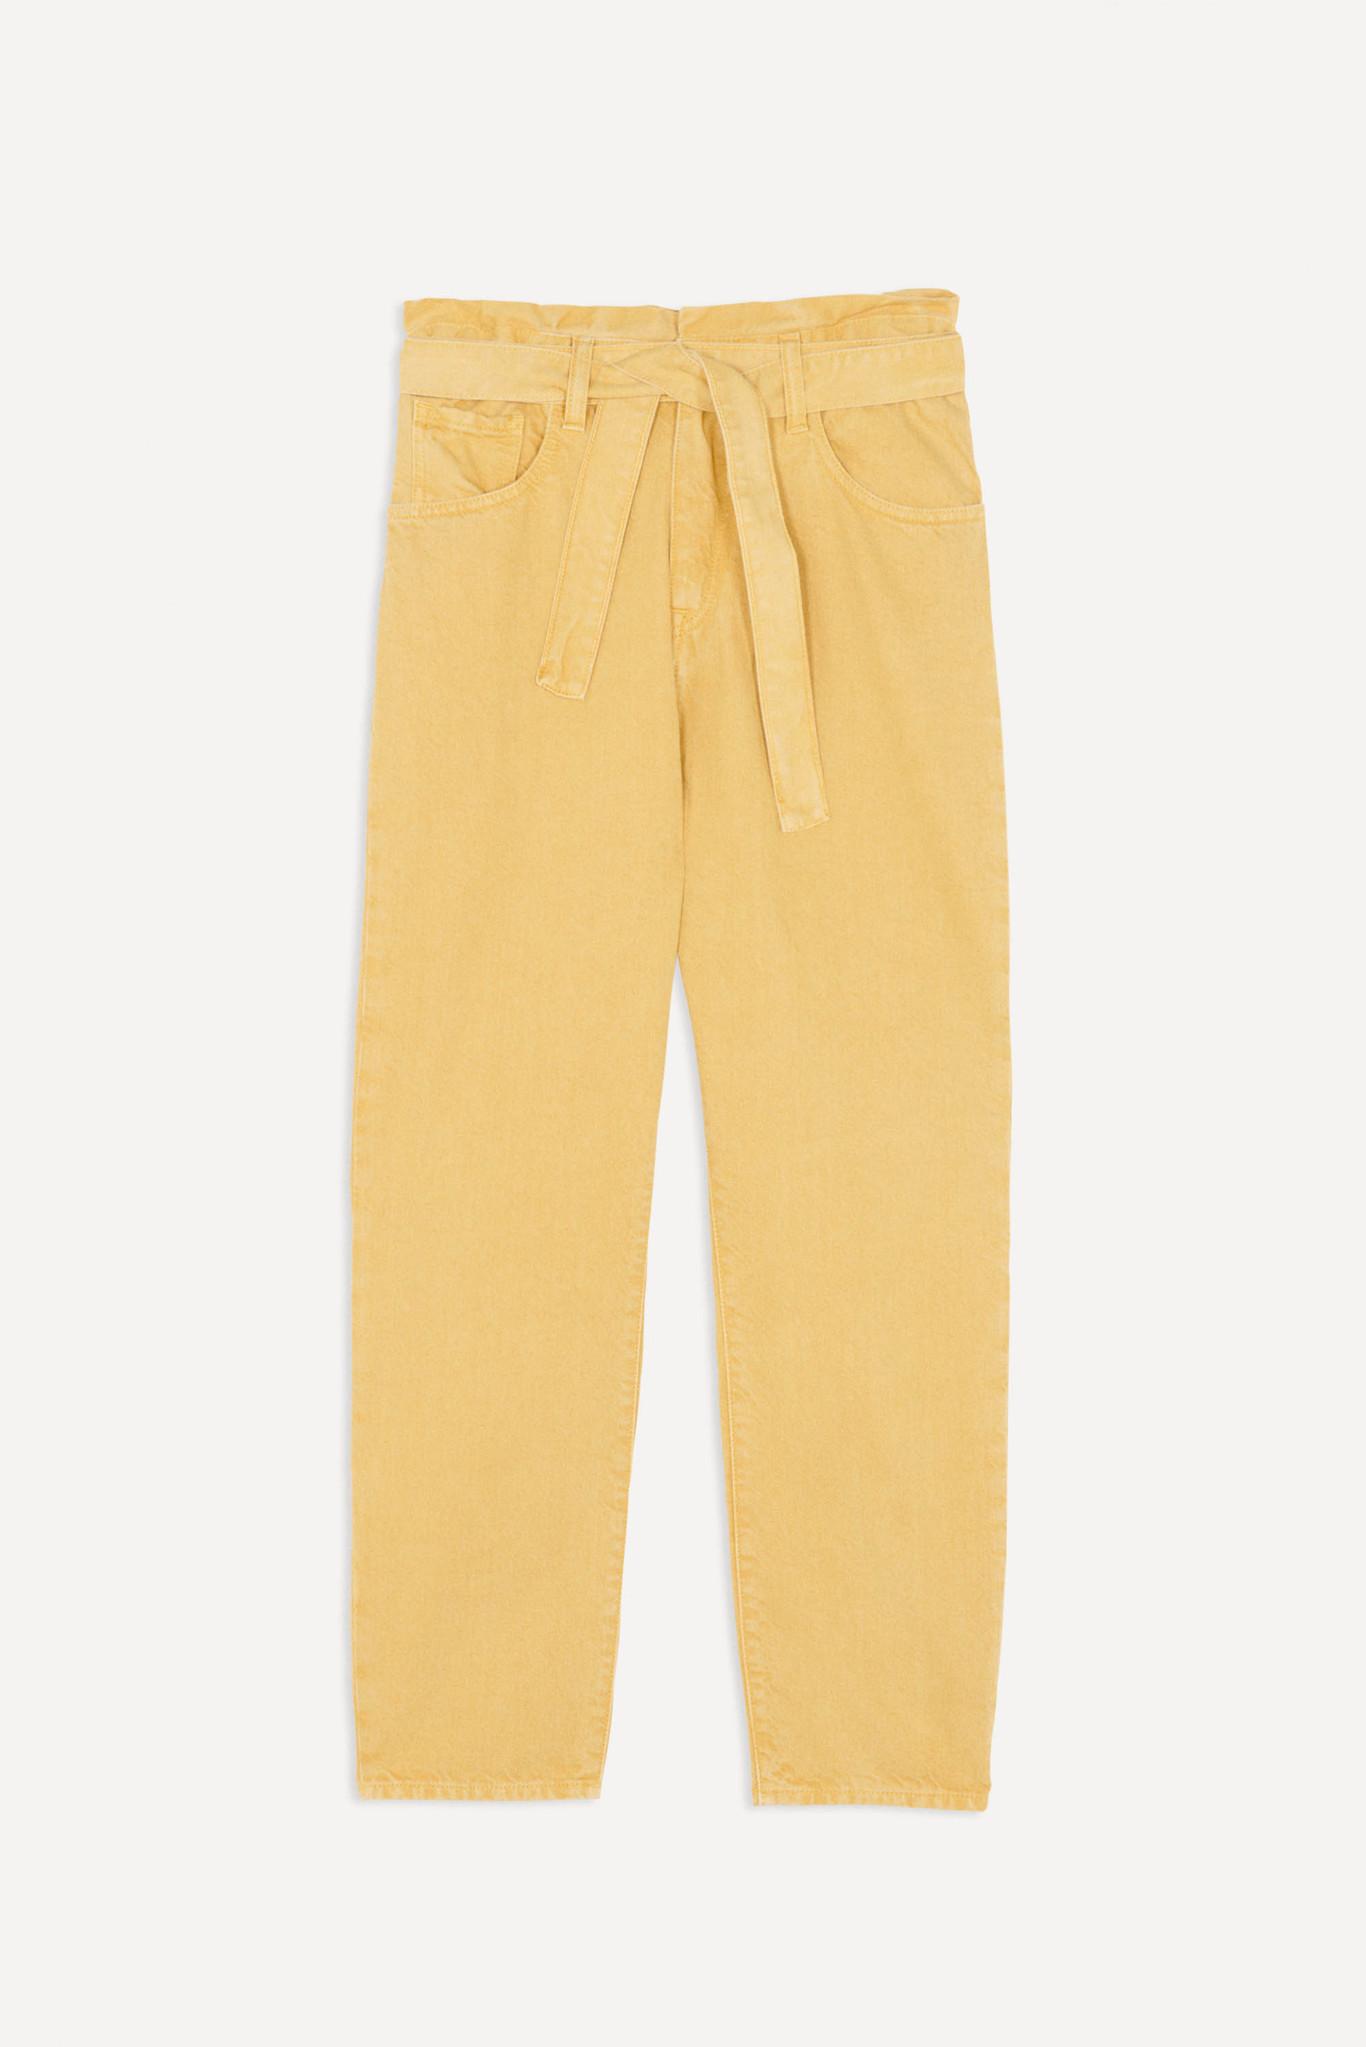 BA&SH pantalon jalia-1